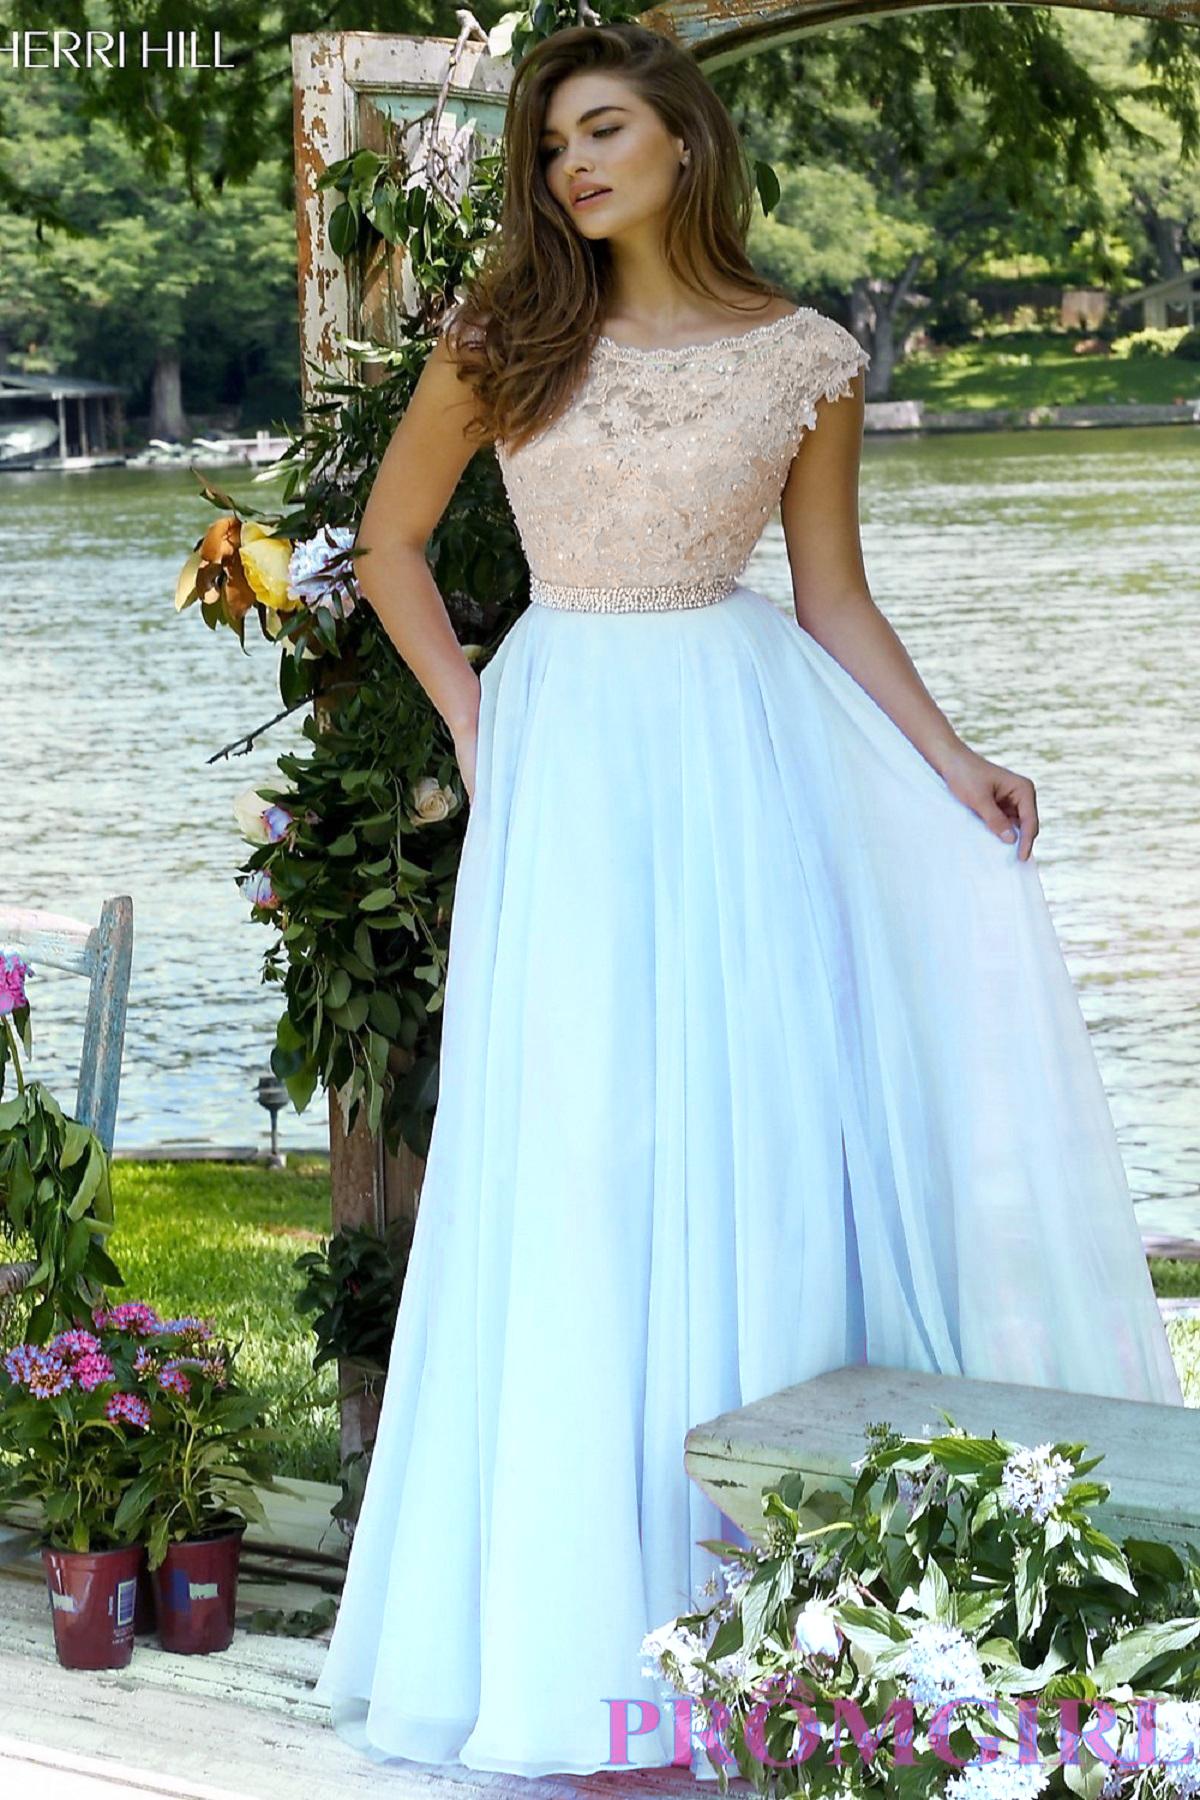 Sherri Hill Платье из струящейся ткани.Верх платья расшит кружевом и бусинами, юбка А- силуэта, длинная и пышная